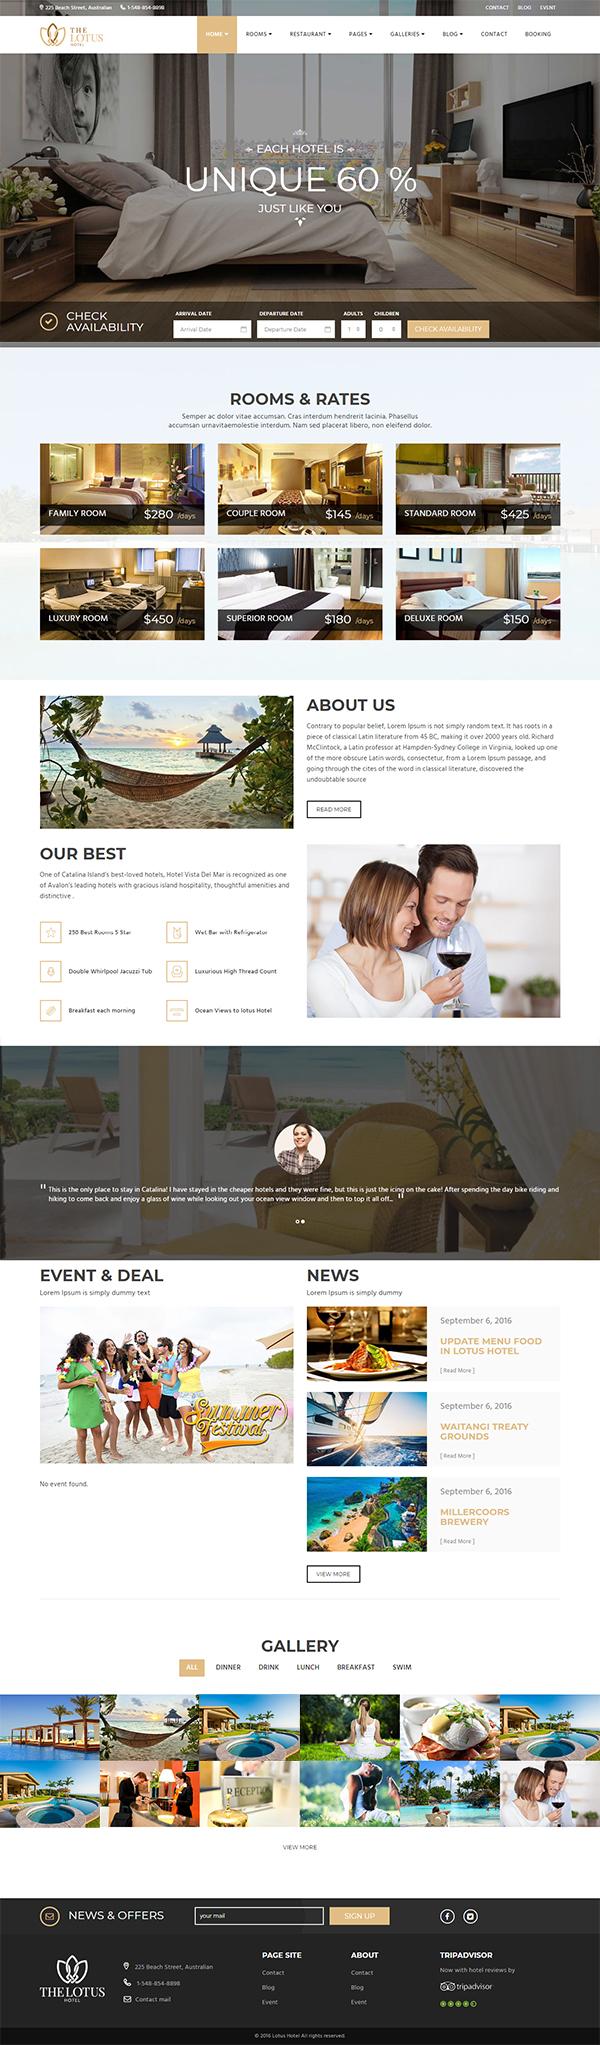 Lotus - Hotel Booking WordPress Theme